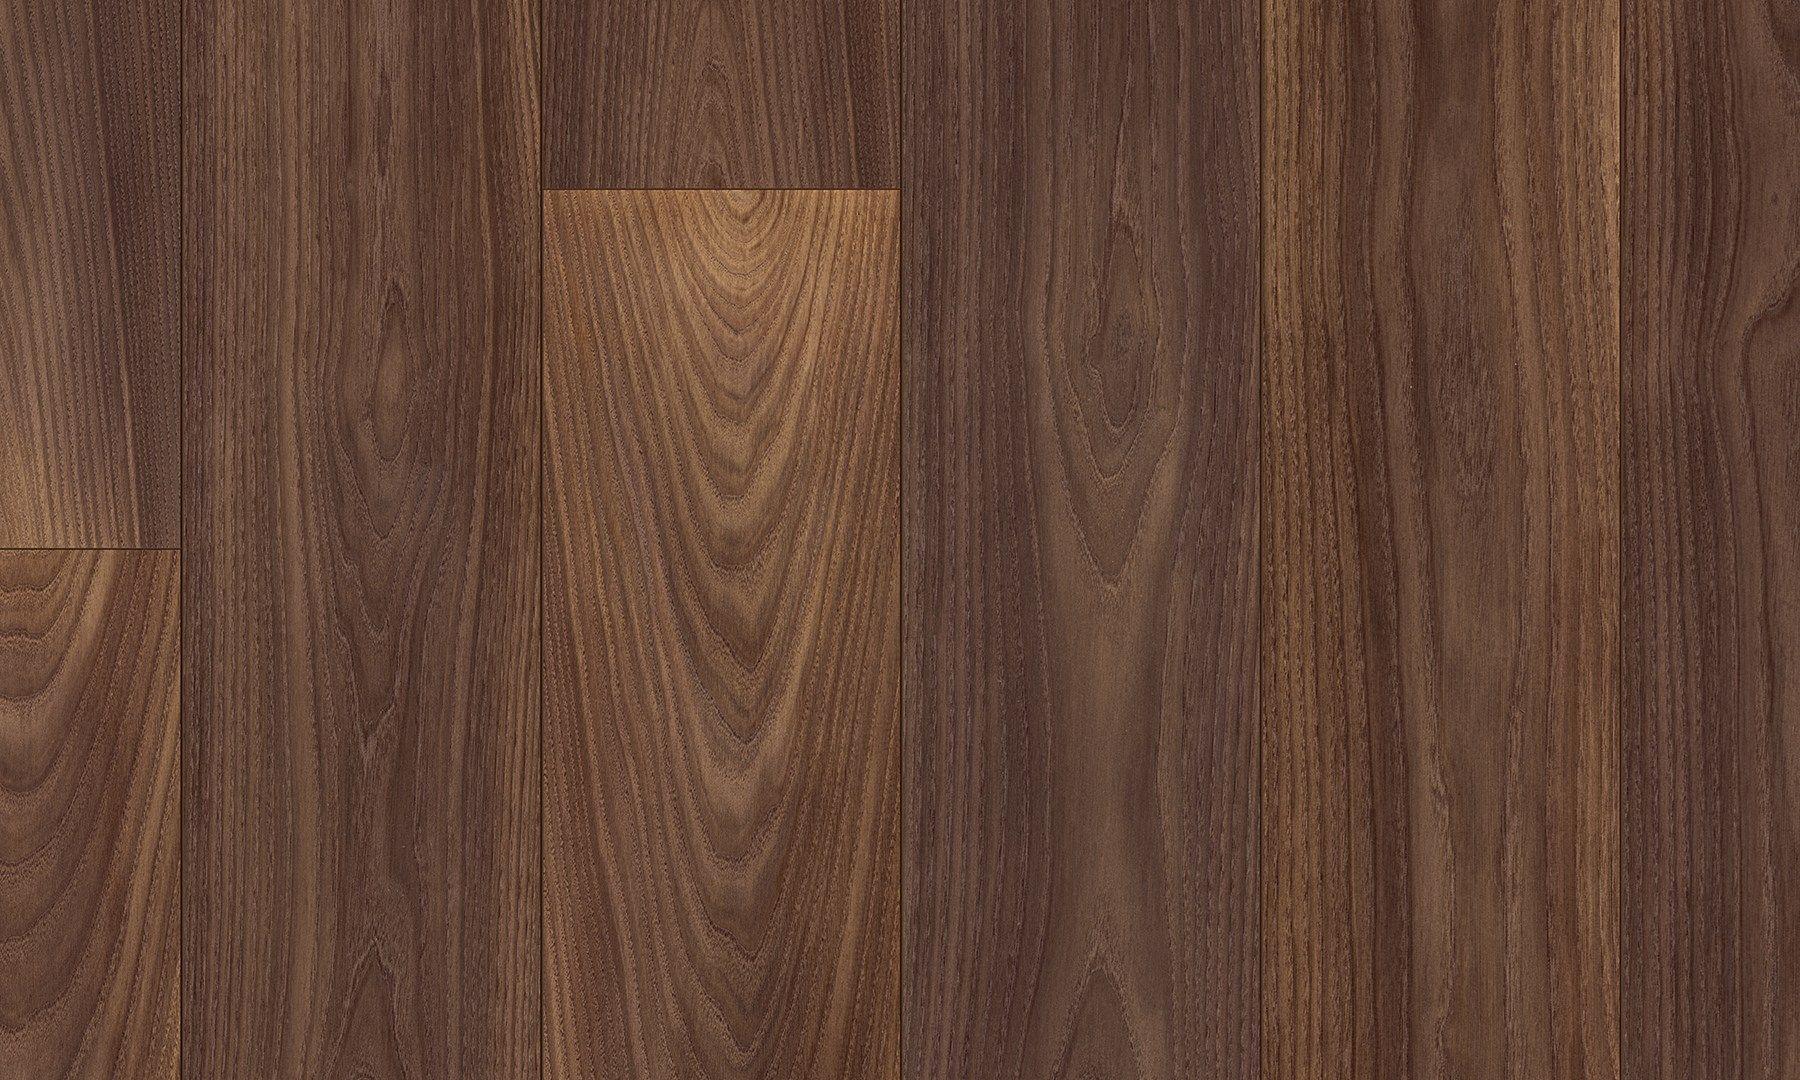 Pavimento en laminado imitaci n madera nogal alpine by pergo for Suelos laminados adhesivos